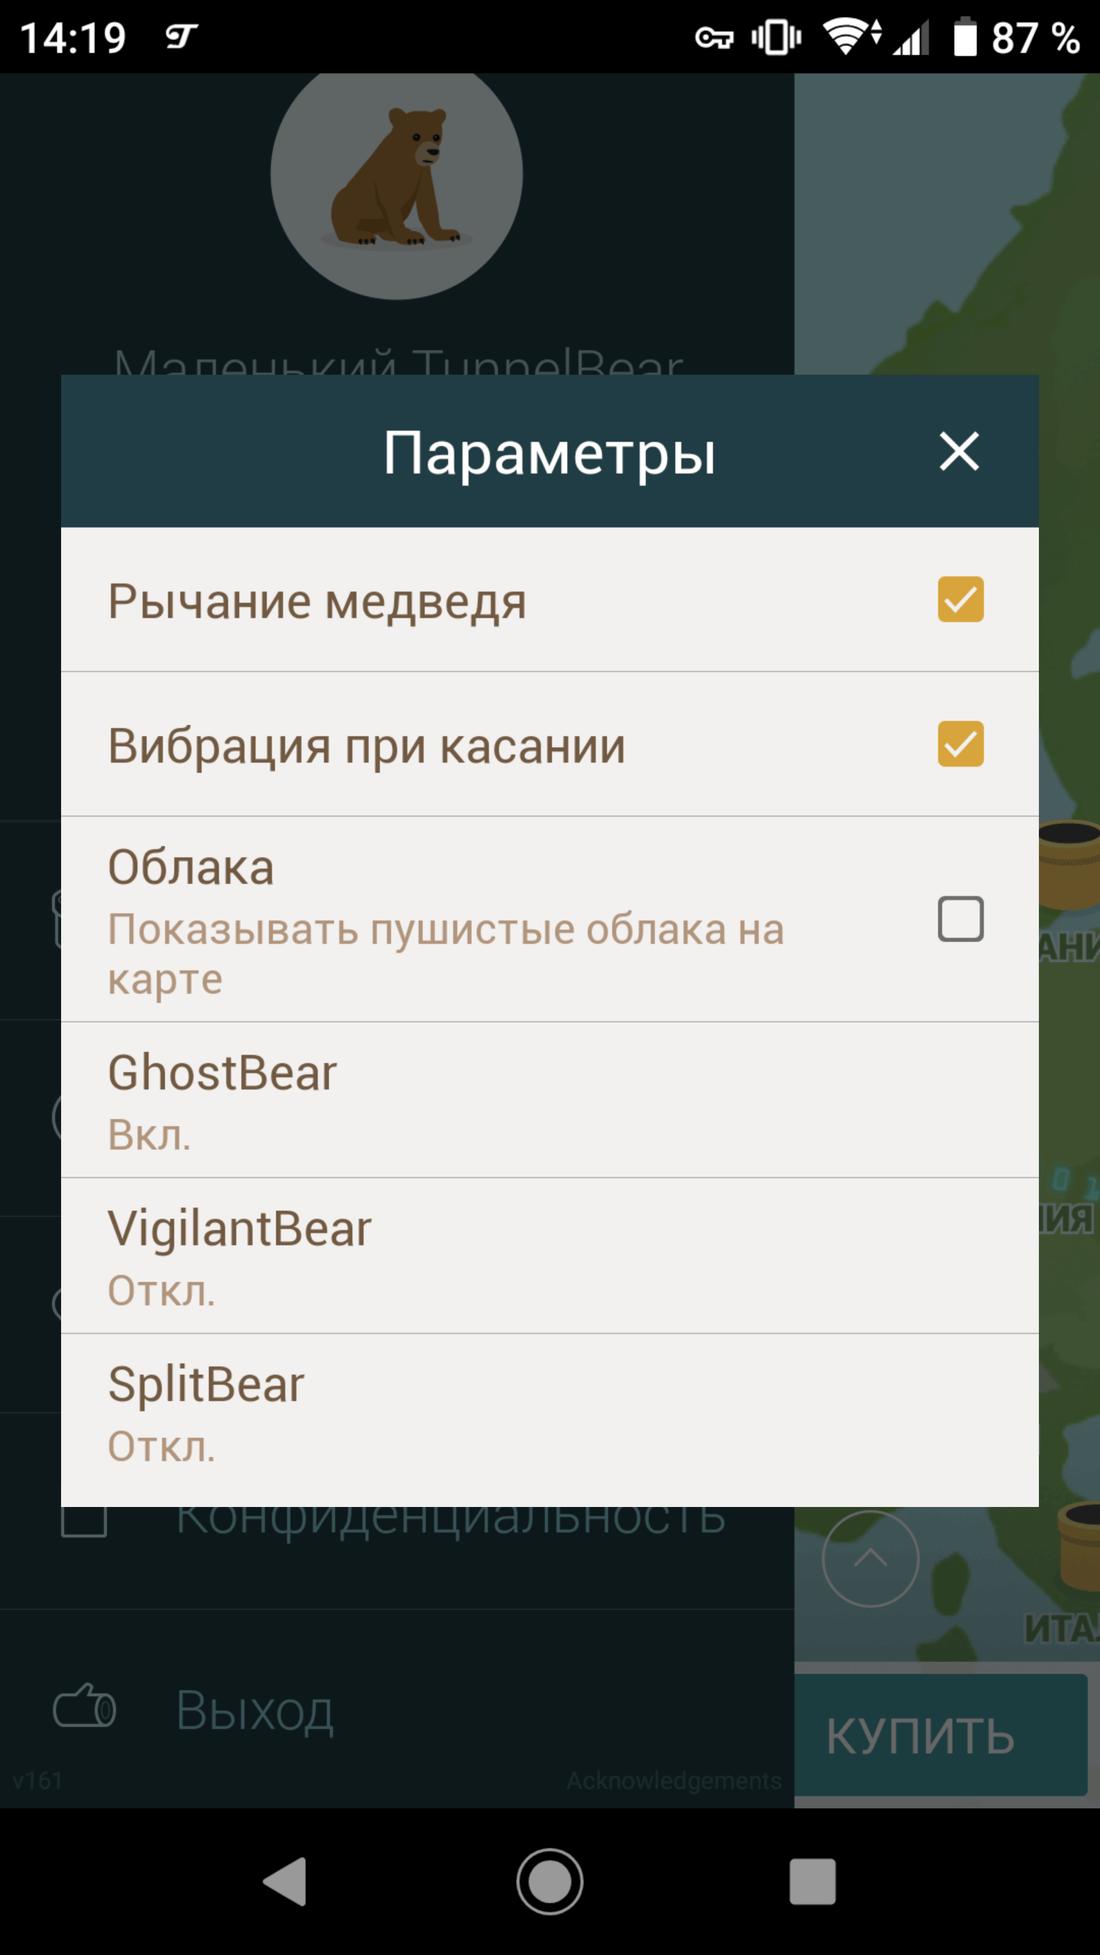 Скриншот #2 из программы TunnelBear VPN